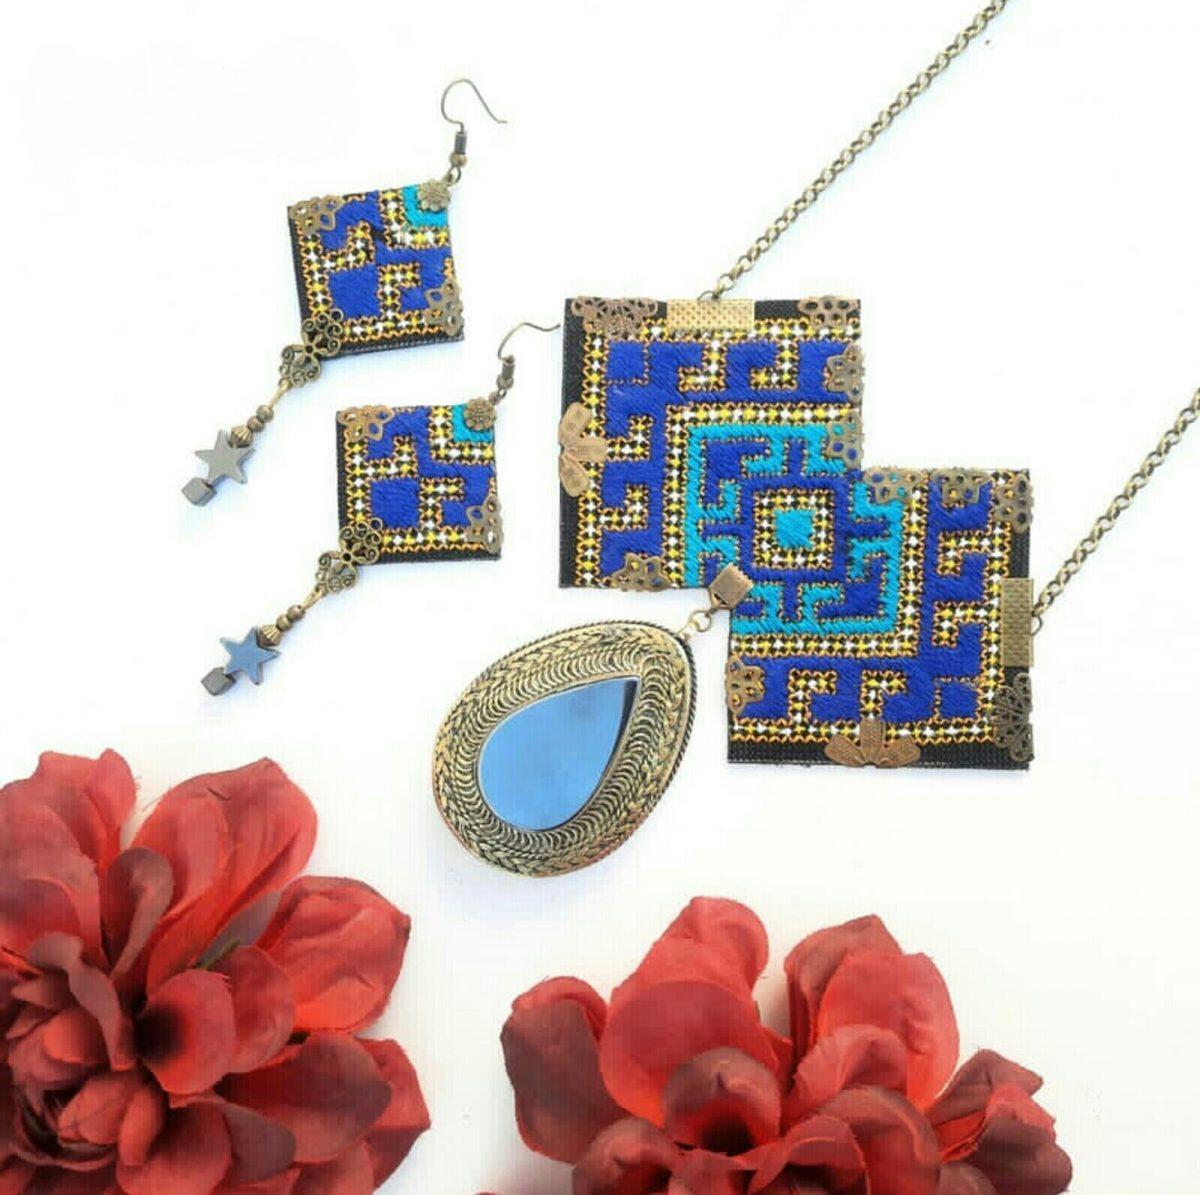 Balochi needlework set C6(The best-selling handicrafts in 2020)